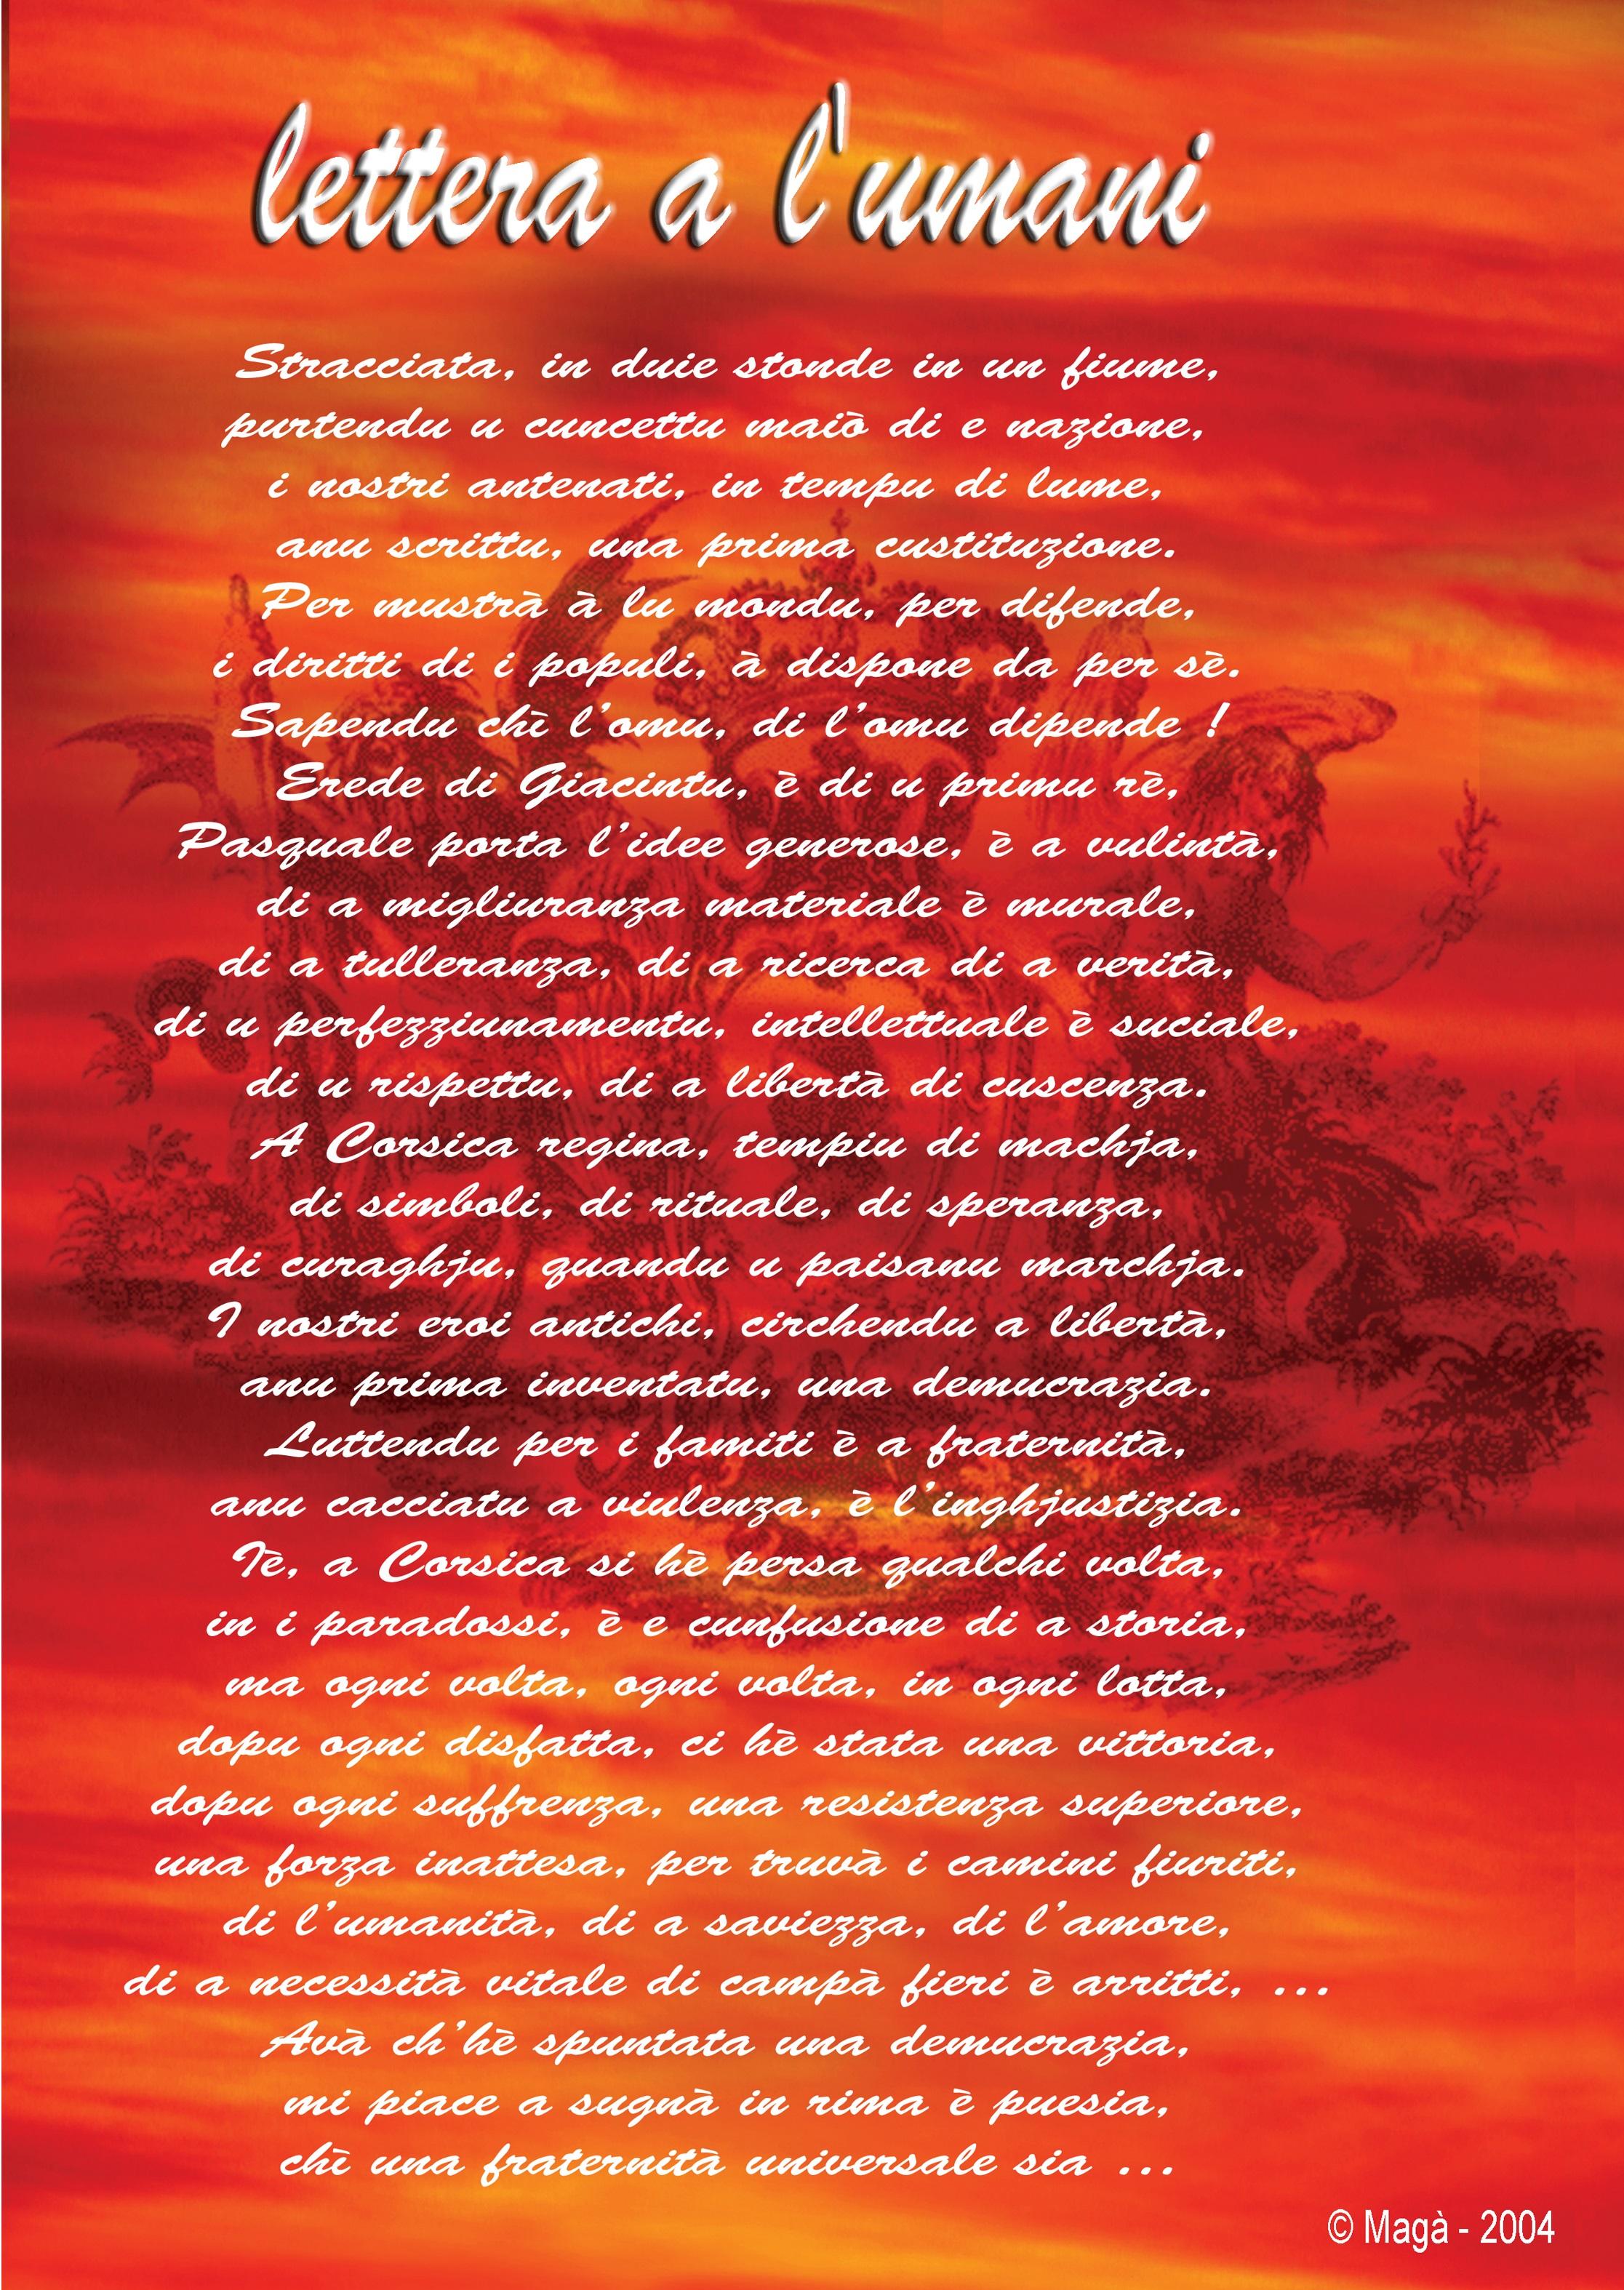 LETTERA A L'UMANI (Magà Ettori - Edmond Simeoni)